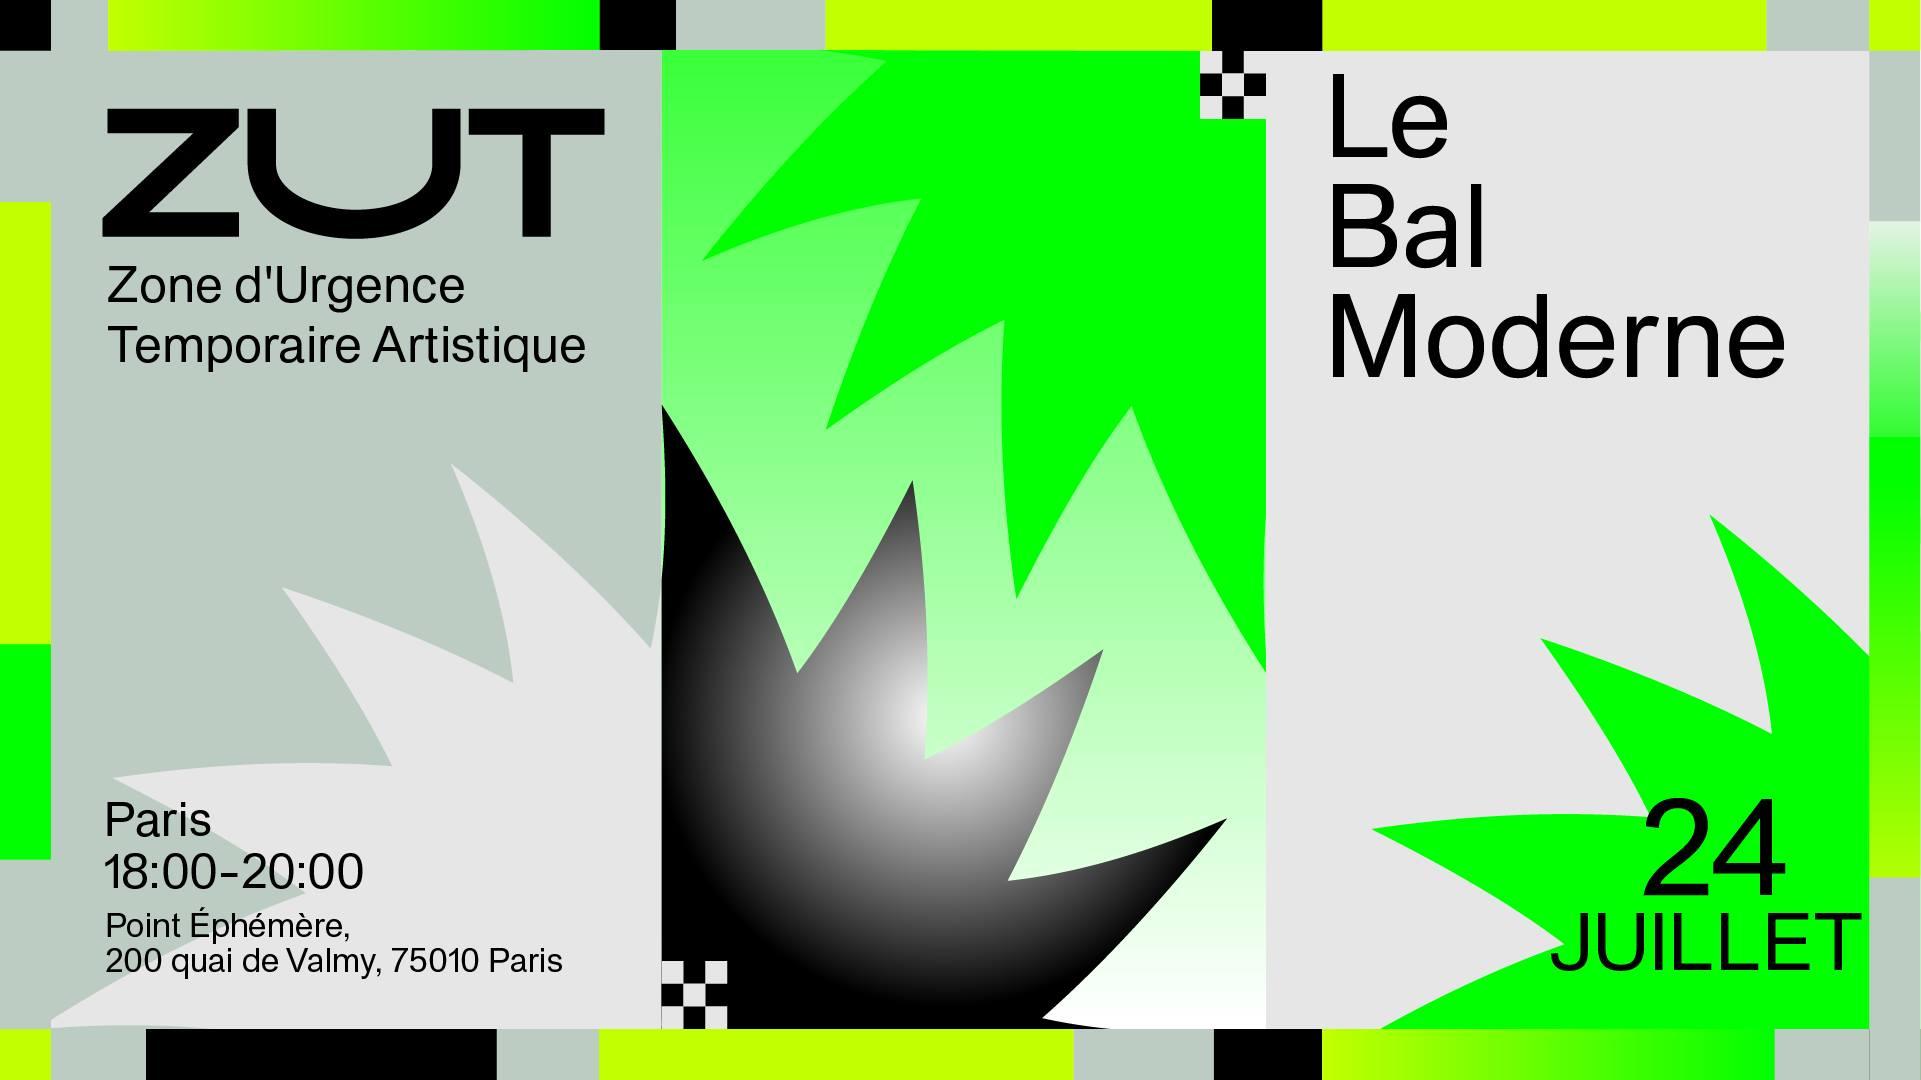 ZUT (Point Éphémère) - Le Bal Moderne Le Point Ephémère Paris